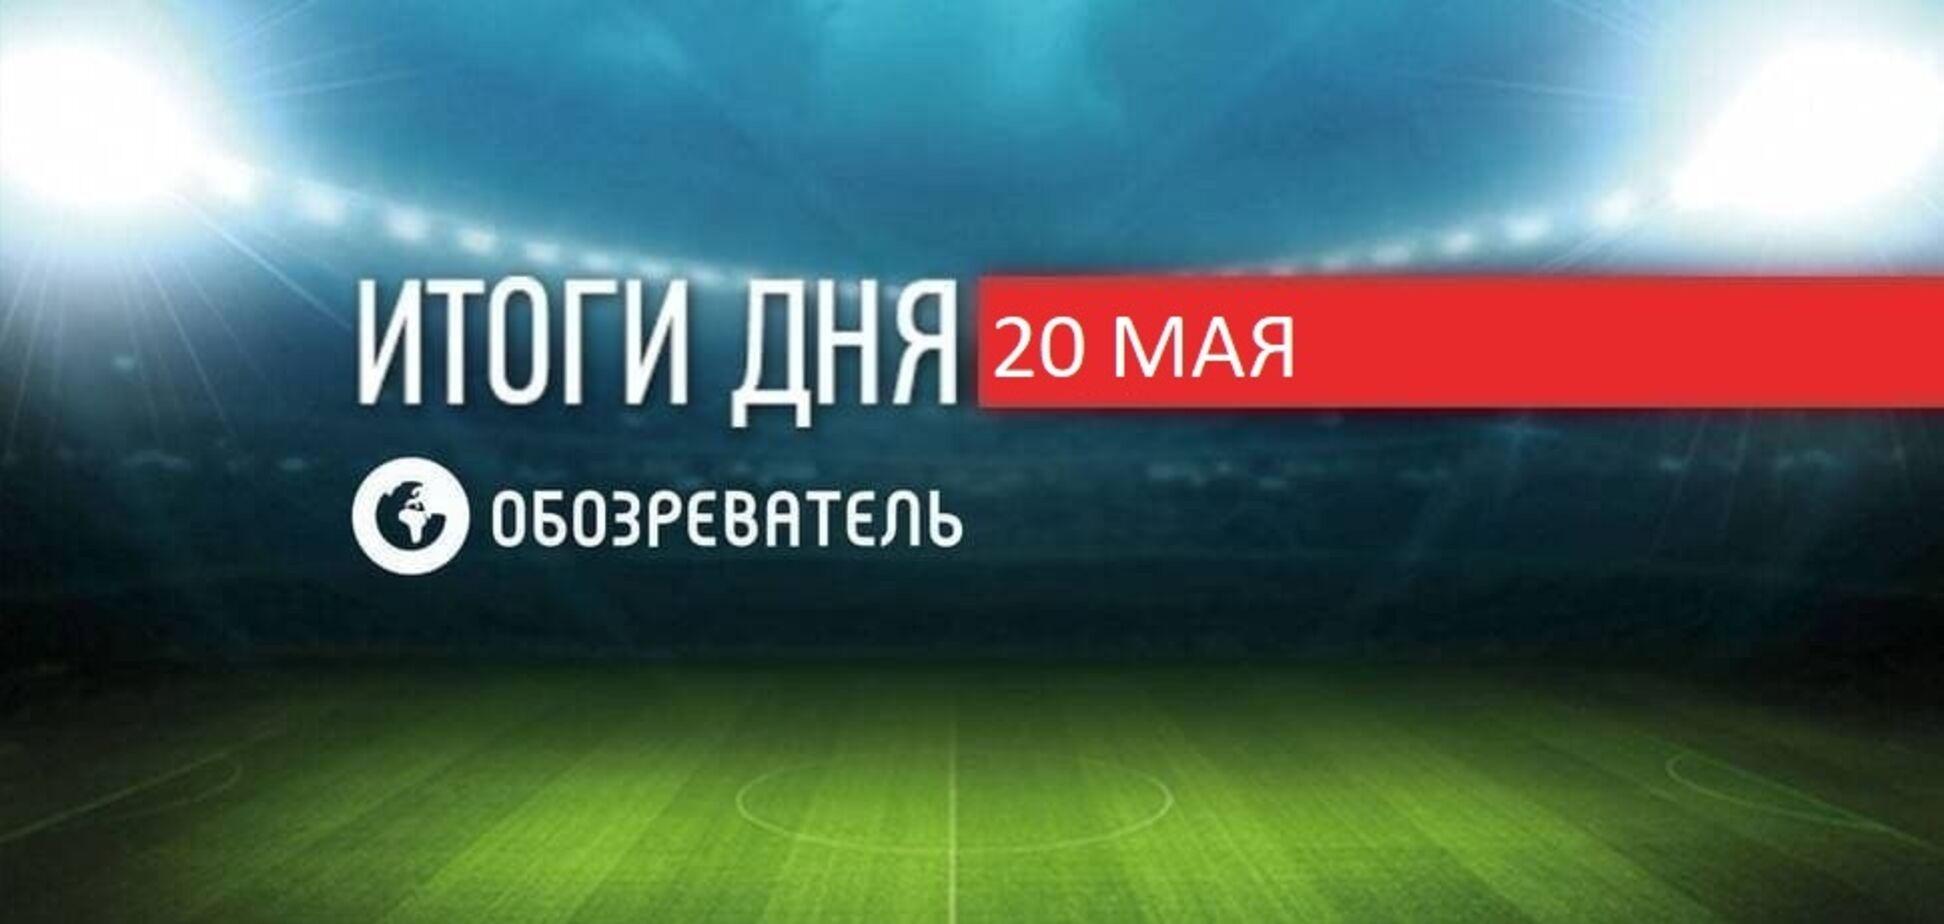 Новини спорту 20 травня: Ребров пішов із 'Ференцвароша', Усика назвали аутсайдером бою з Джошуа